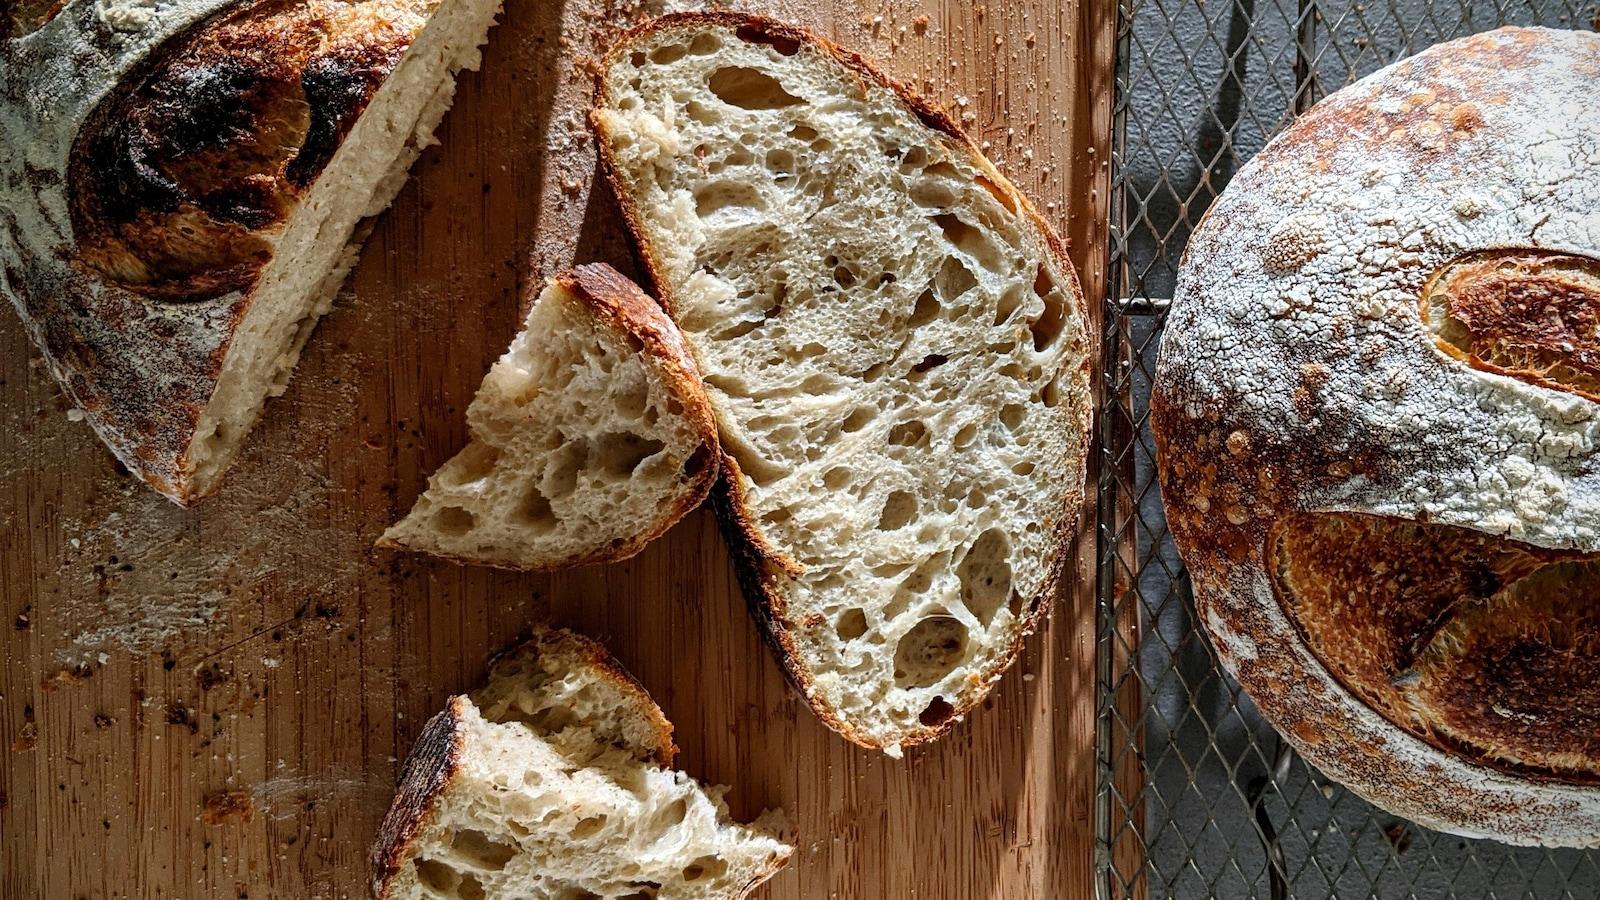 Une miche de pain frais tranchée sur une planche de bois.